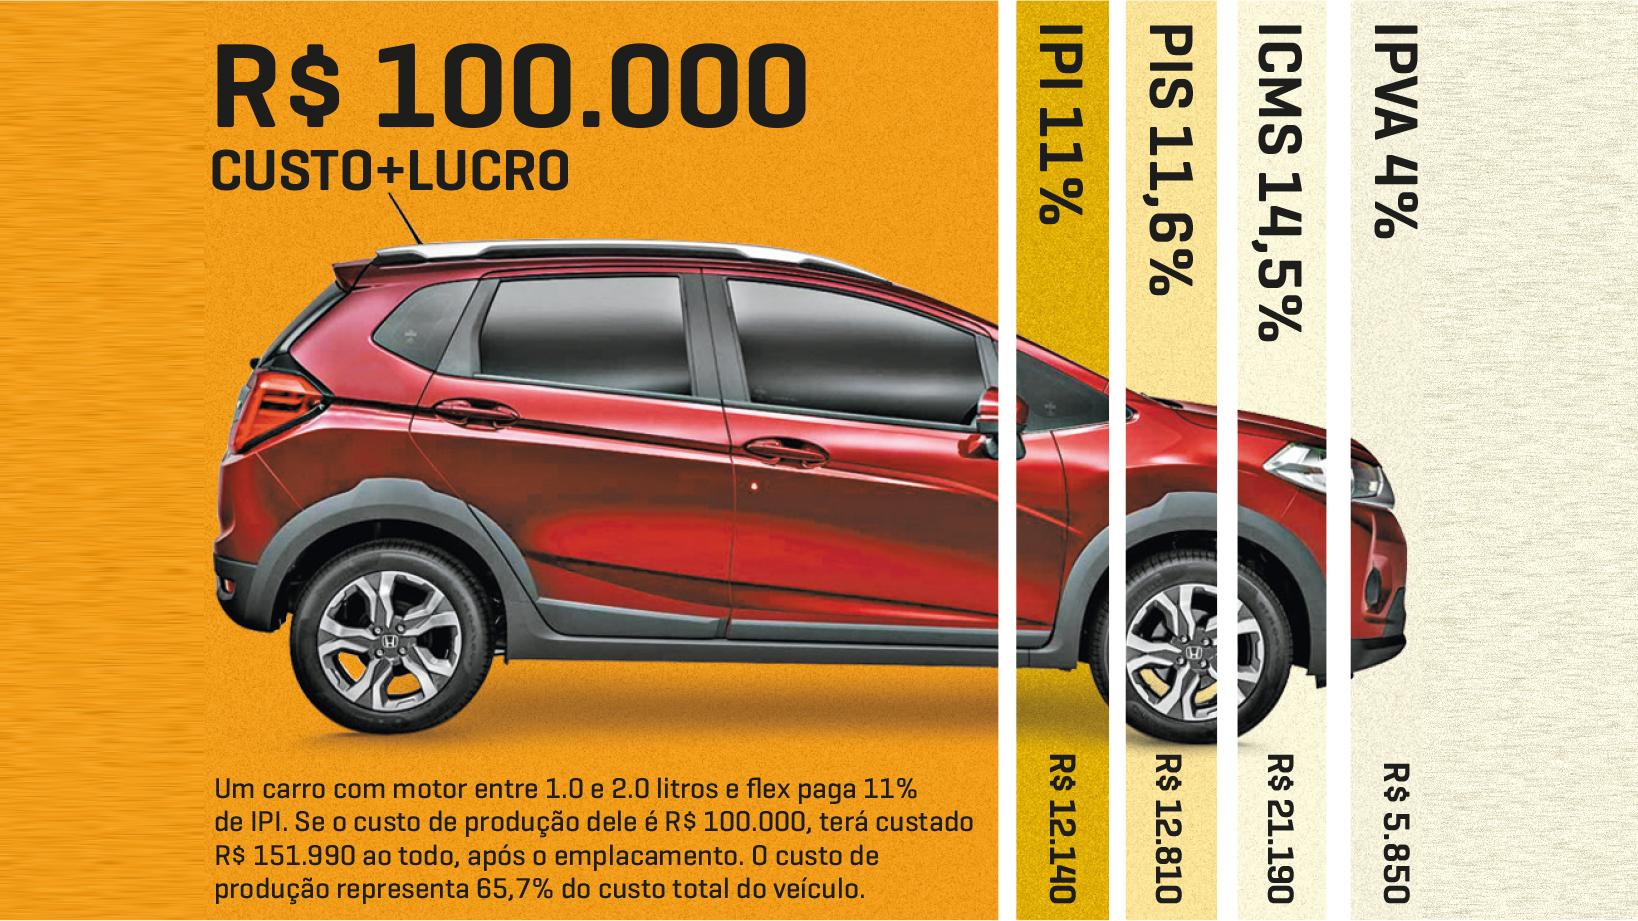 Em um carro de R$ 100.000, quase R$ 13.000 são de PIS; veja exemplo de como cada imposto incide no preço do veículo